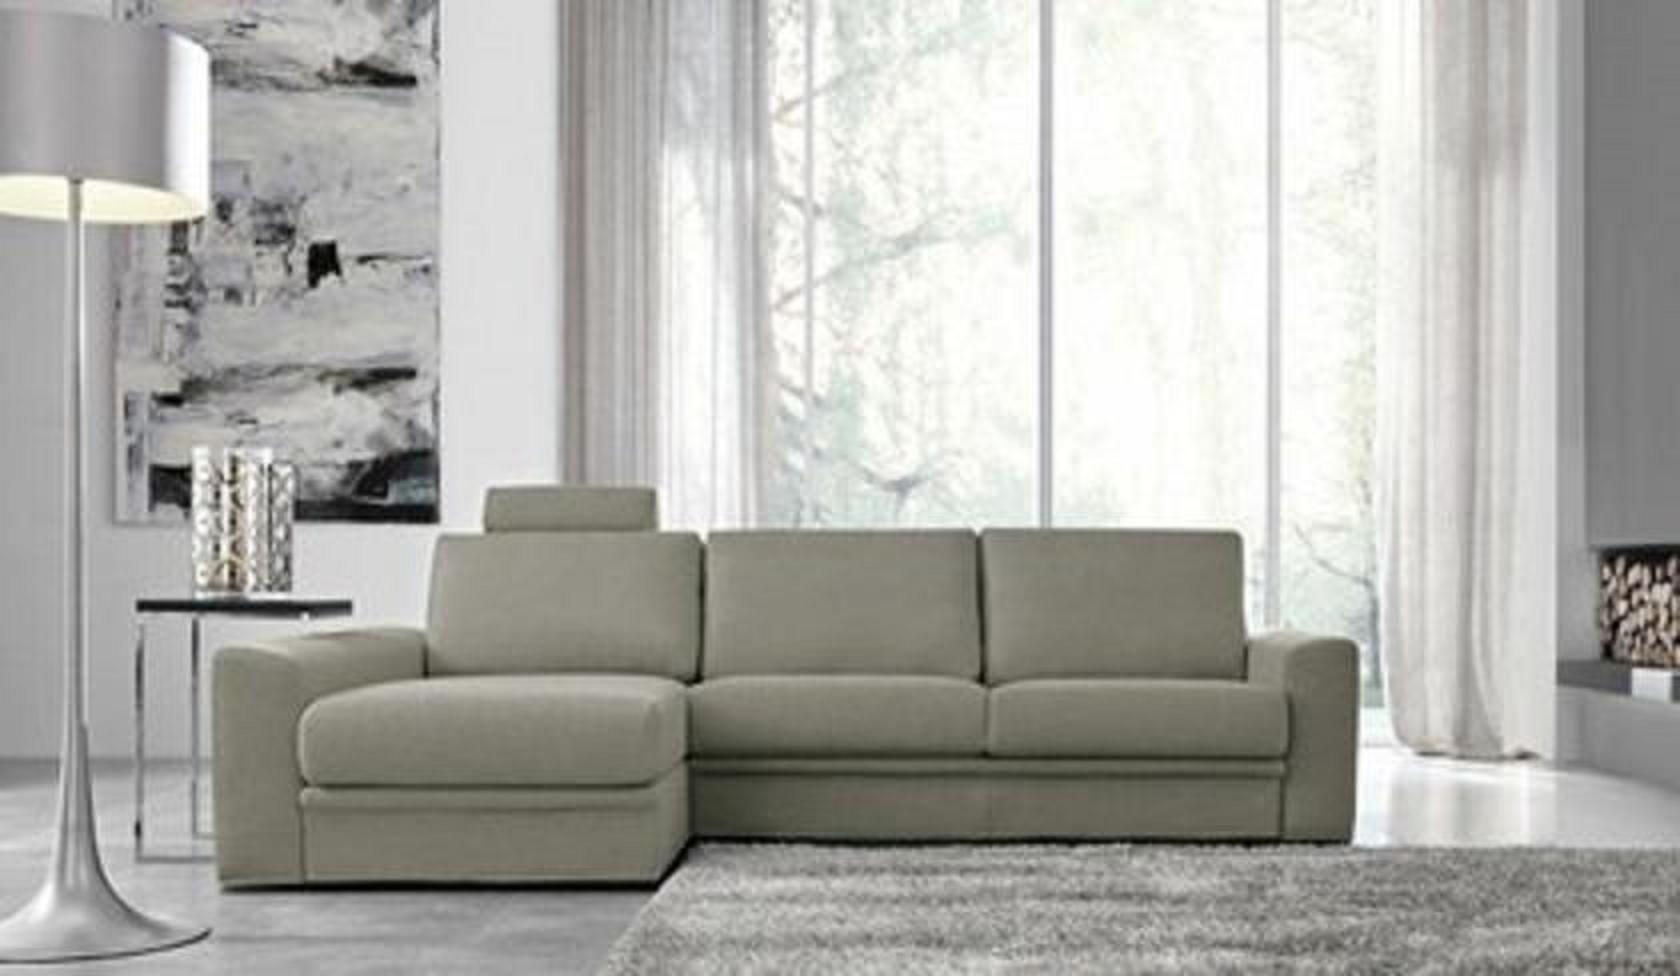 Divano con penisola doimo modello brent scontato del 50 for Outlet arredamento divani